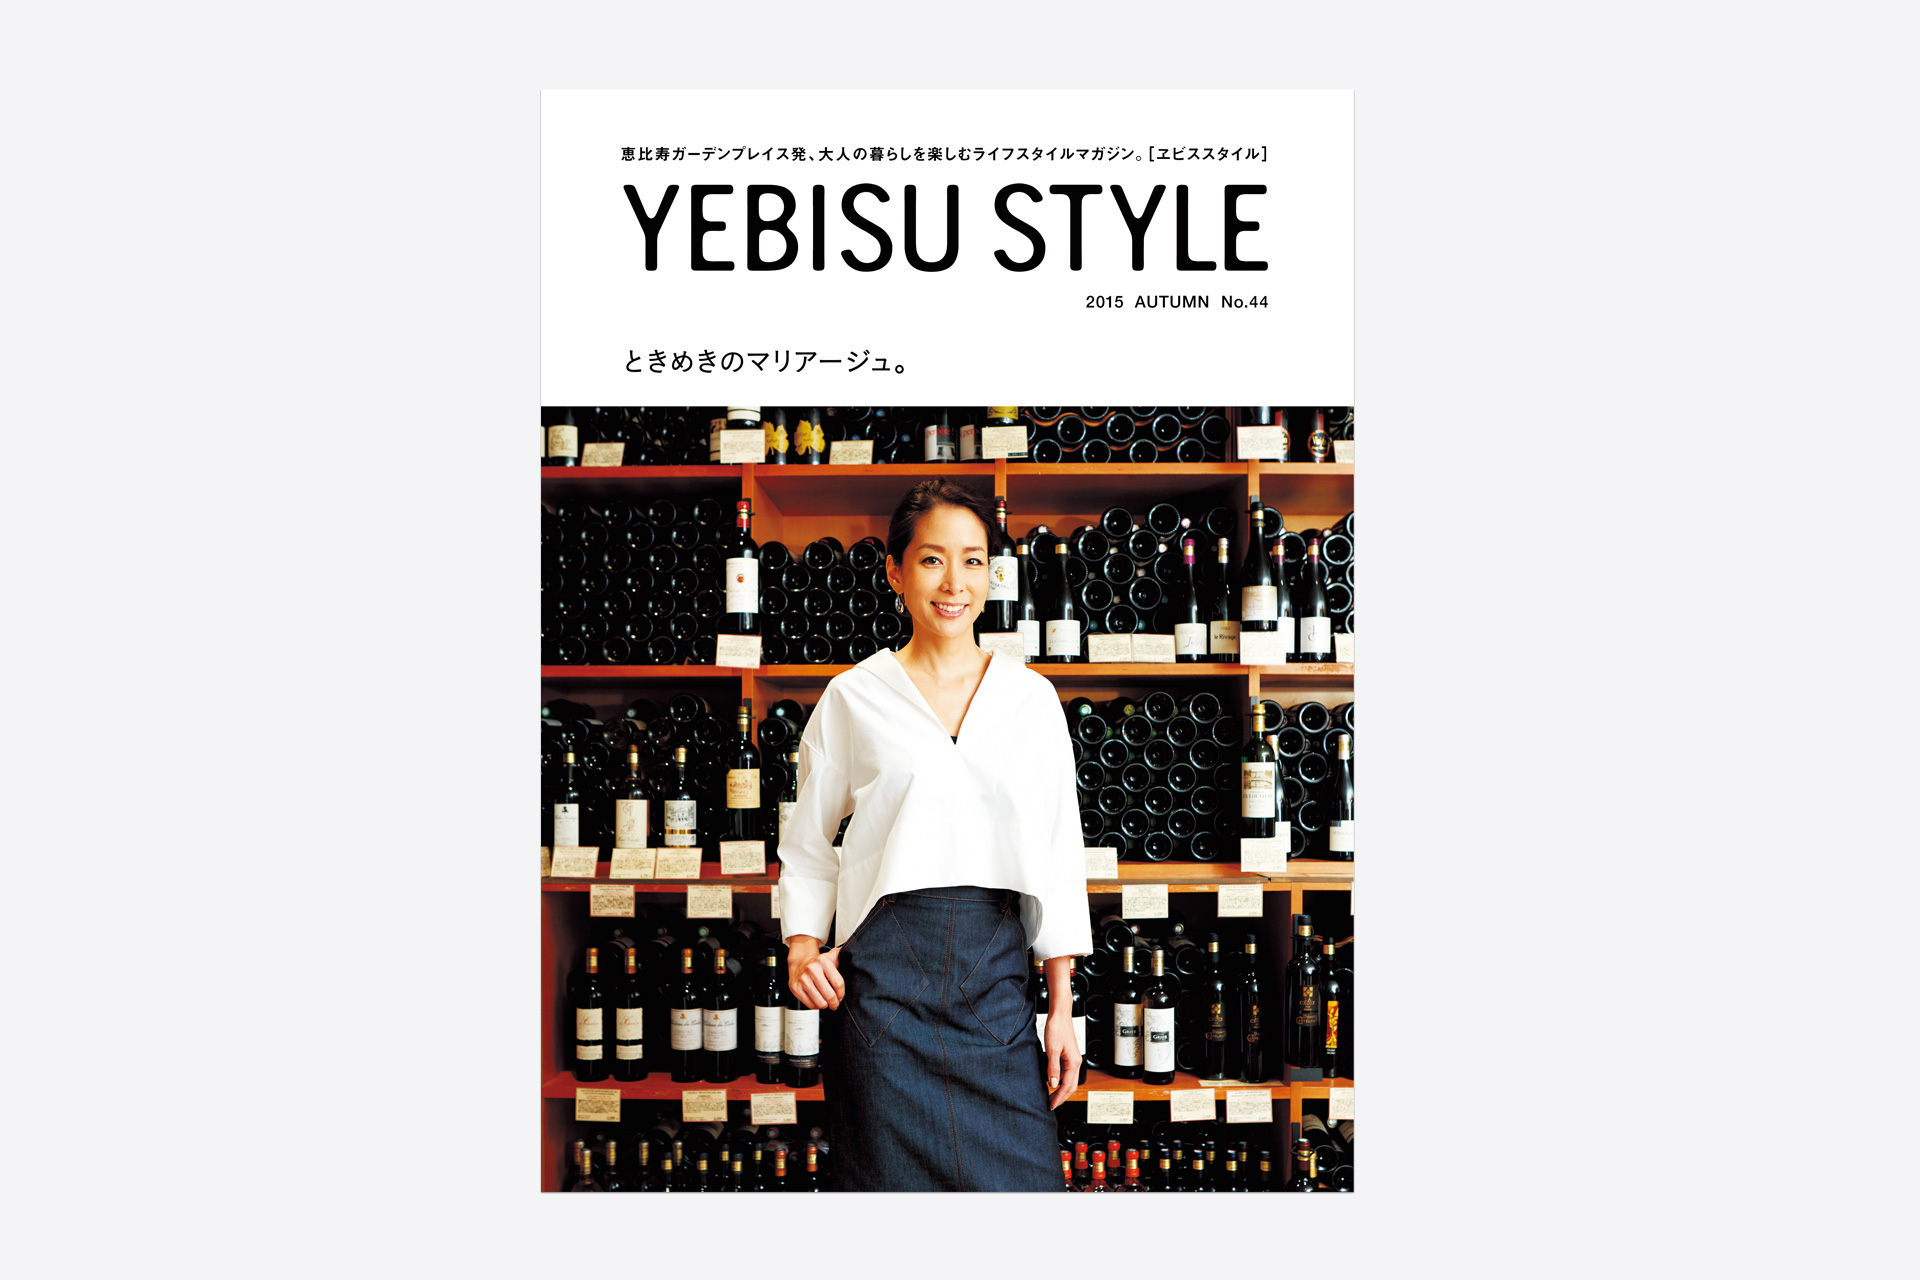 YEBISU STYLE vol.44